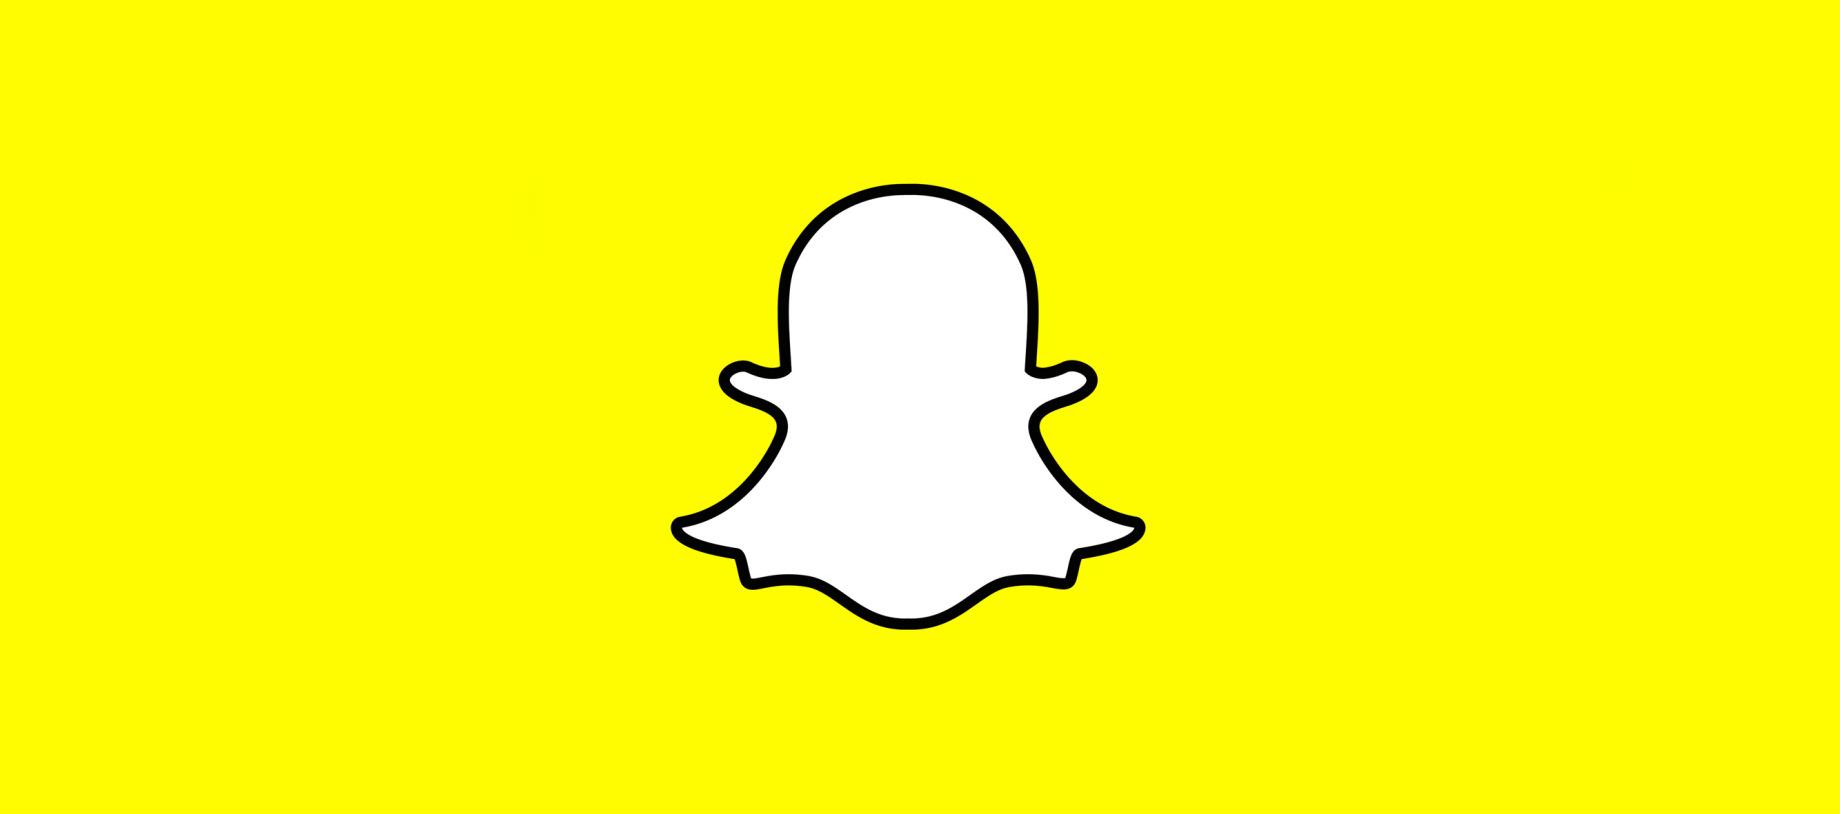 _Snapchat